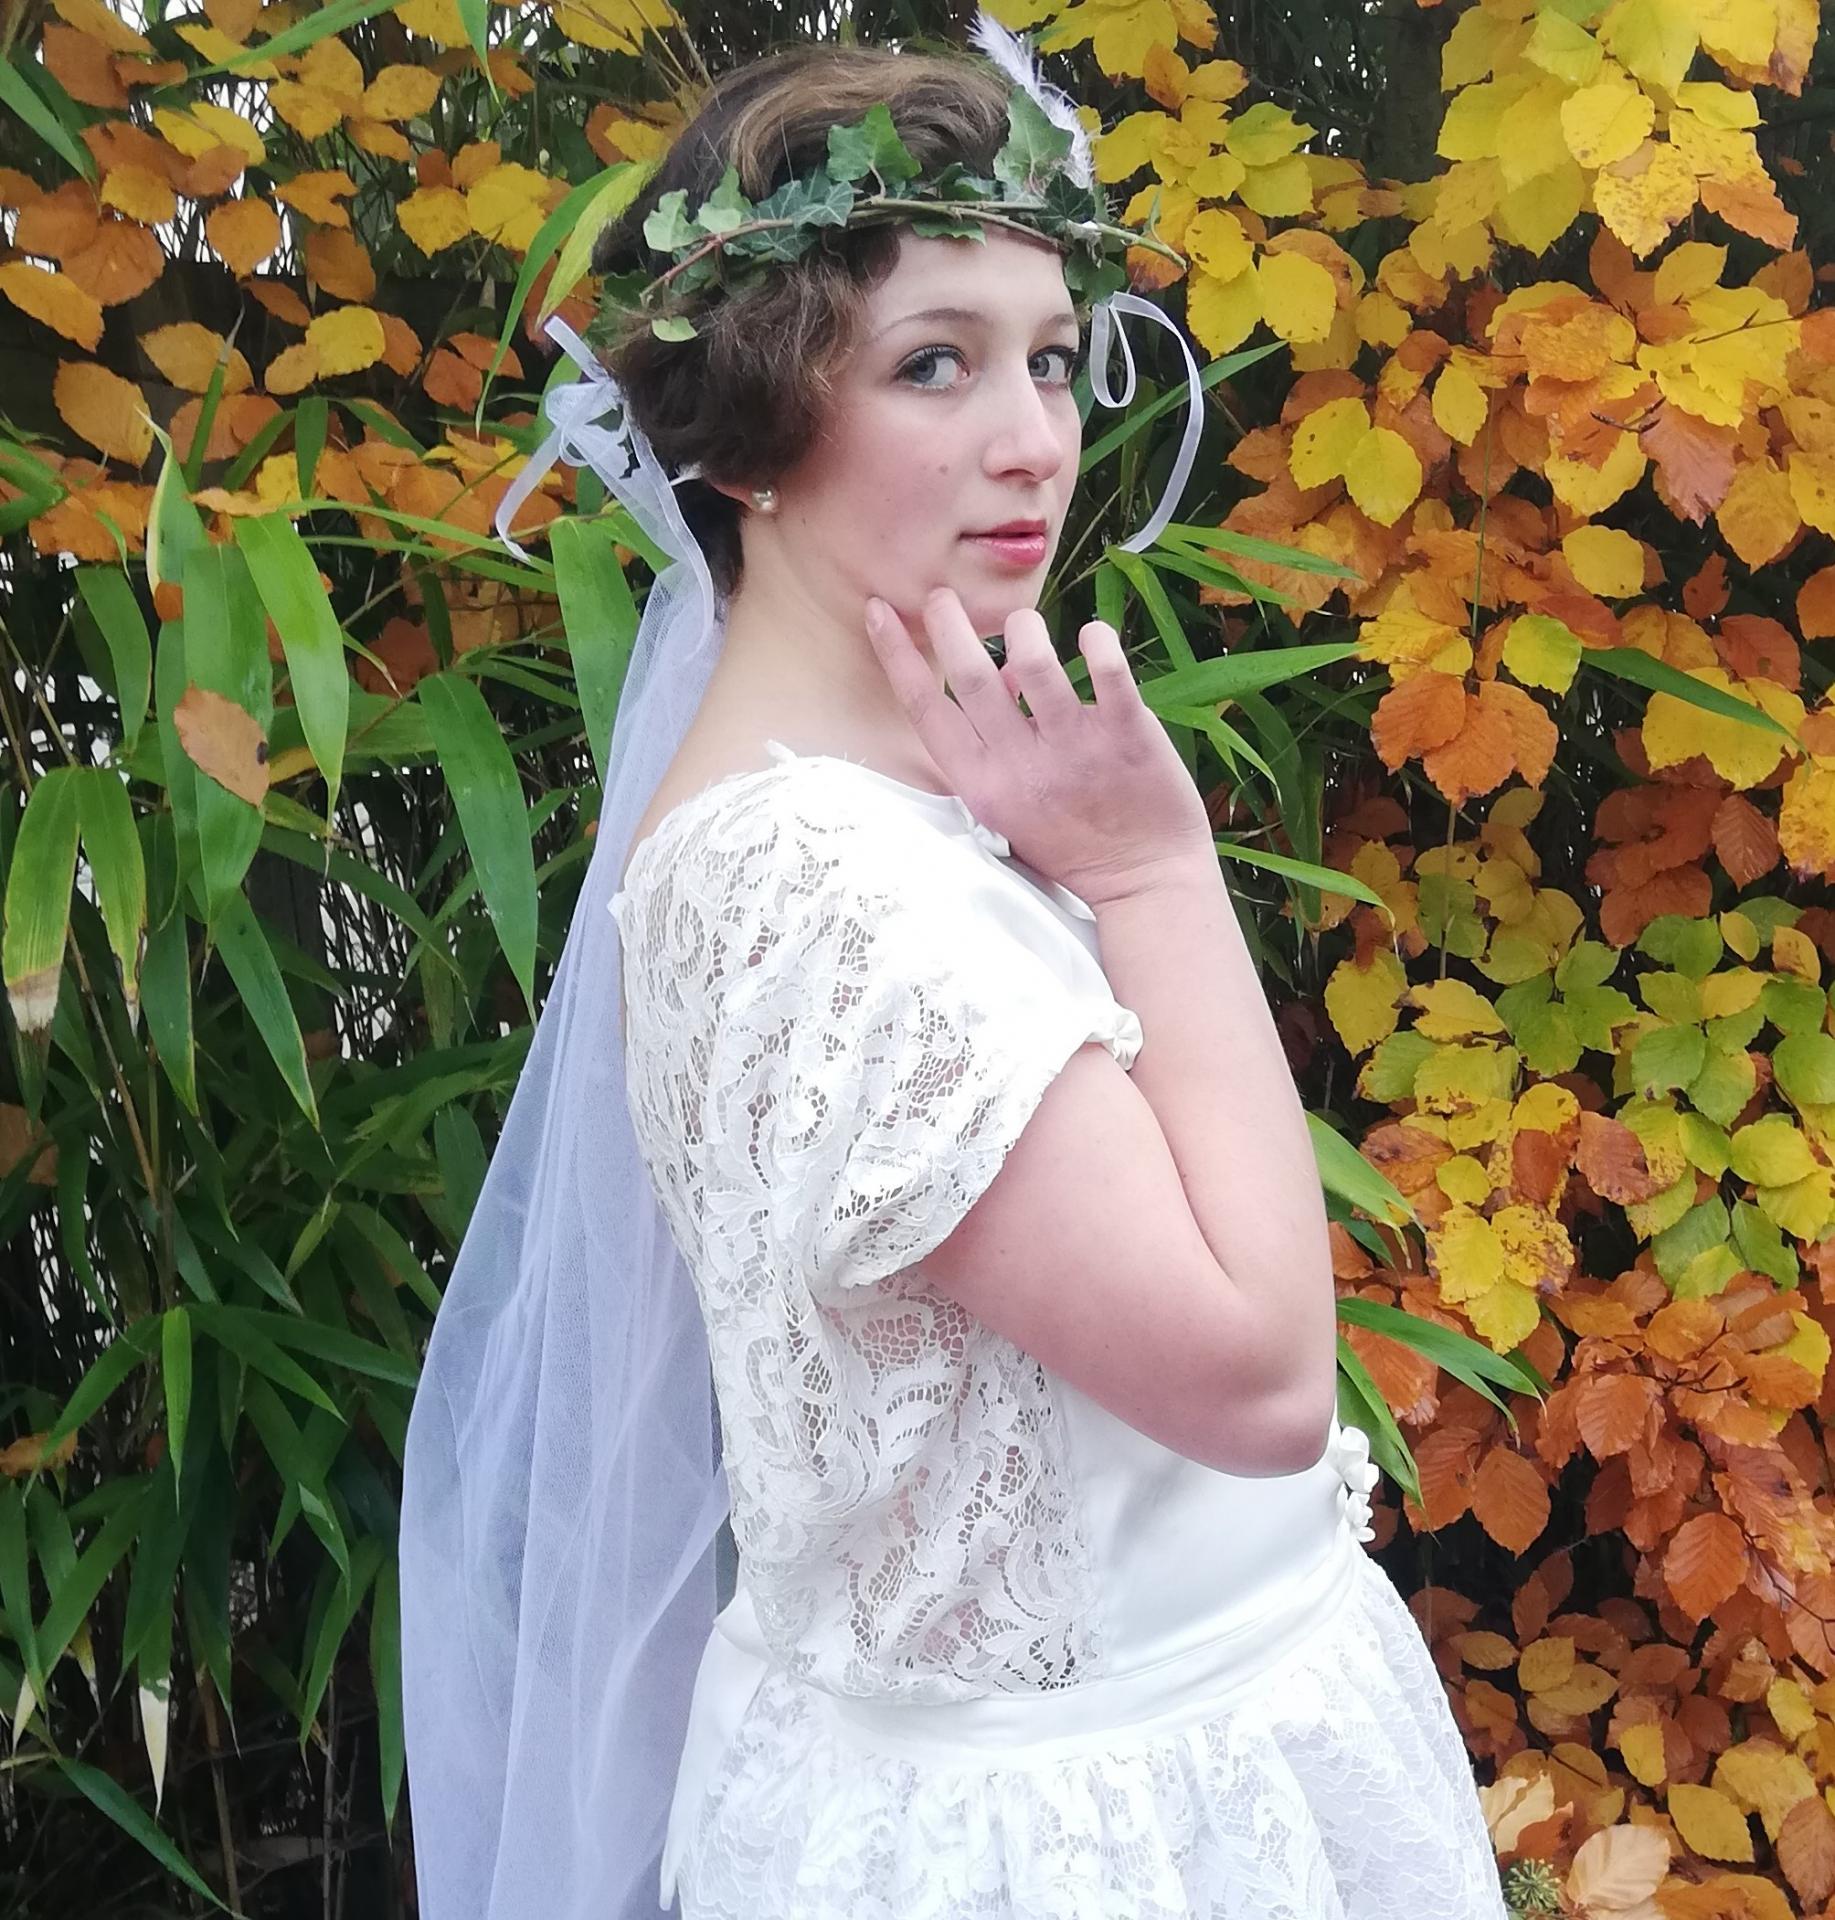 Robe de mariee reversible dentelle tulle et viscose rose faconnee a la main avec un coeur de nacre couronne fleurs et plumes fifi au jardin pose 16